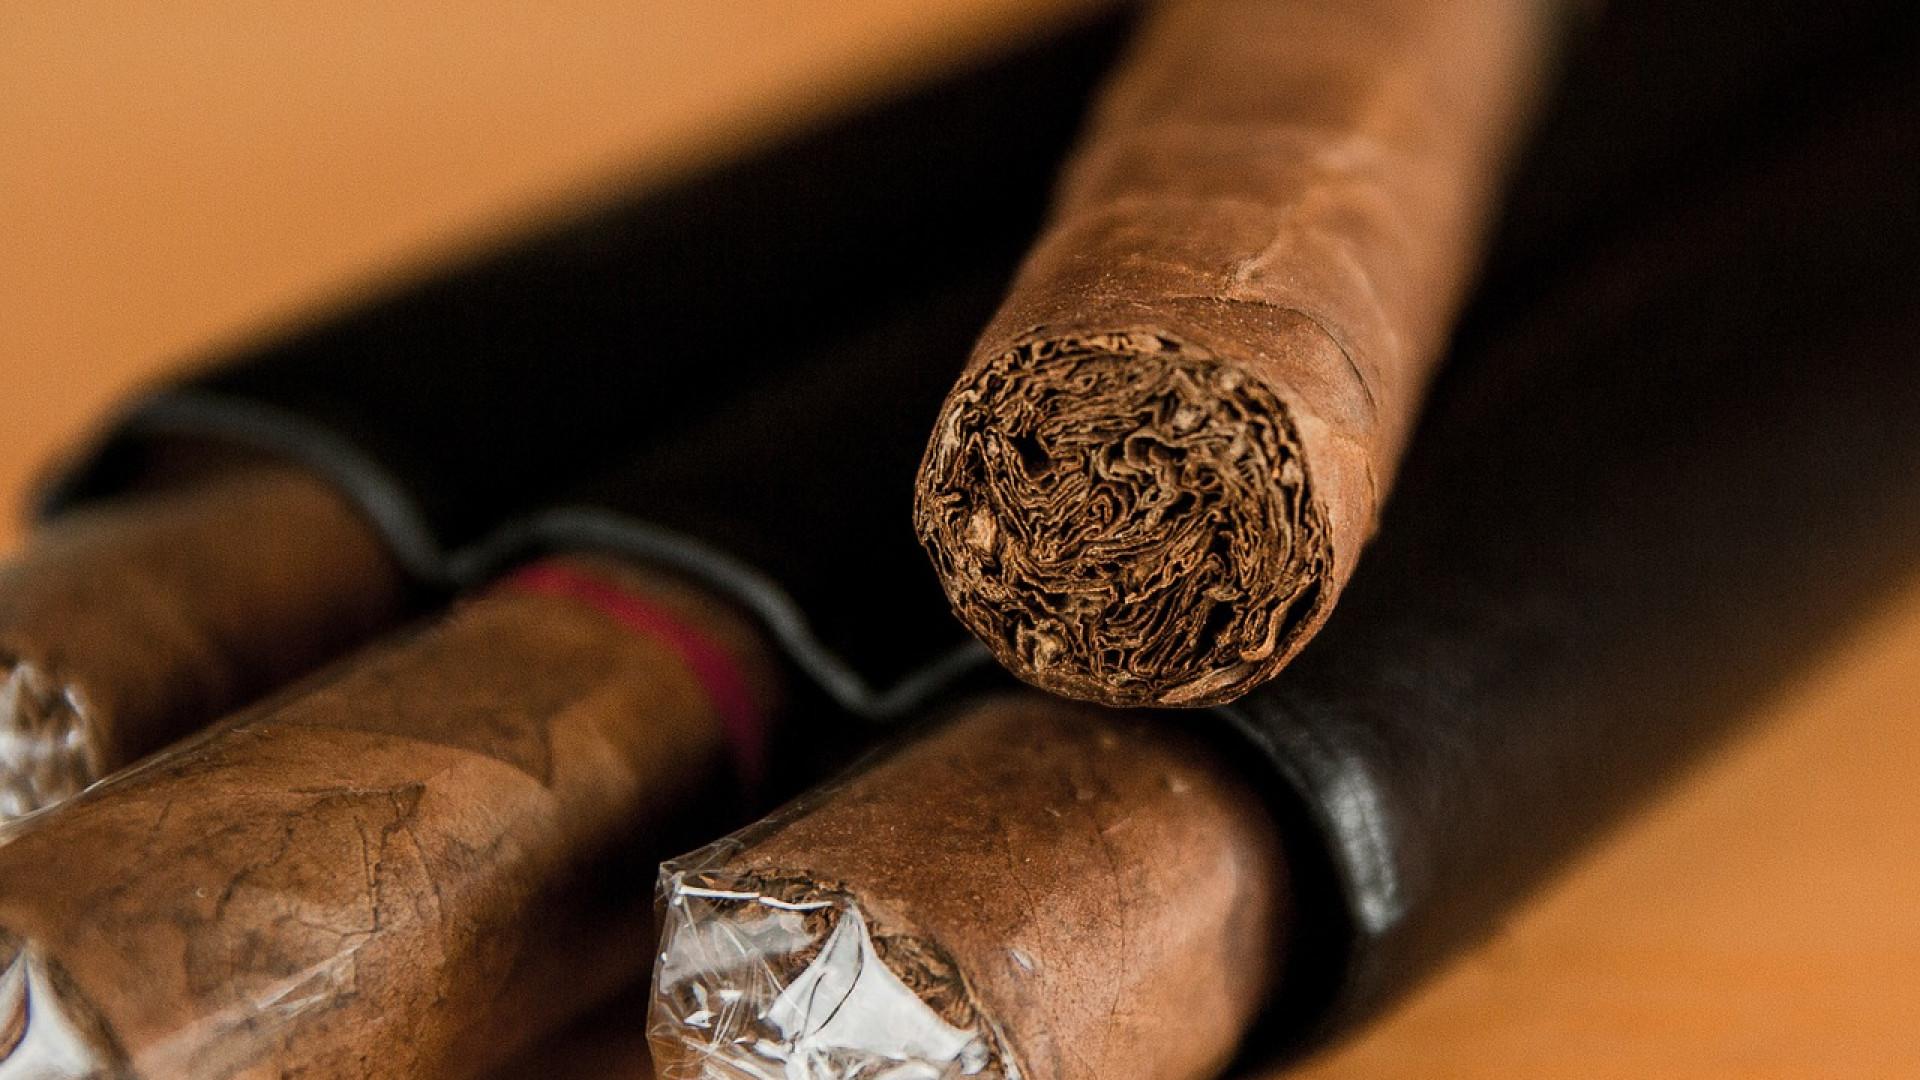 Quels avantages à fumer un cigare ?